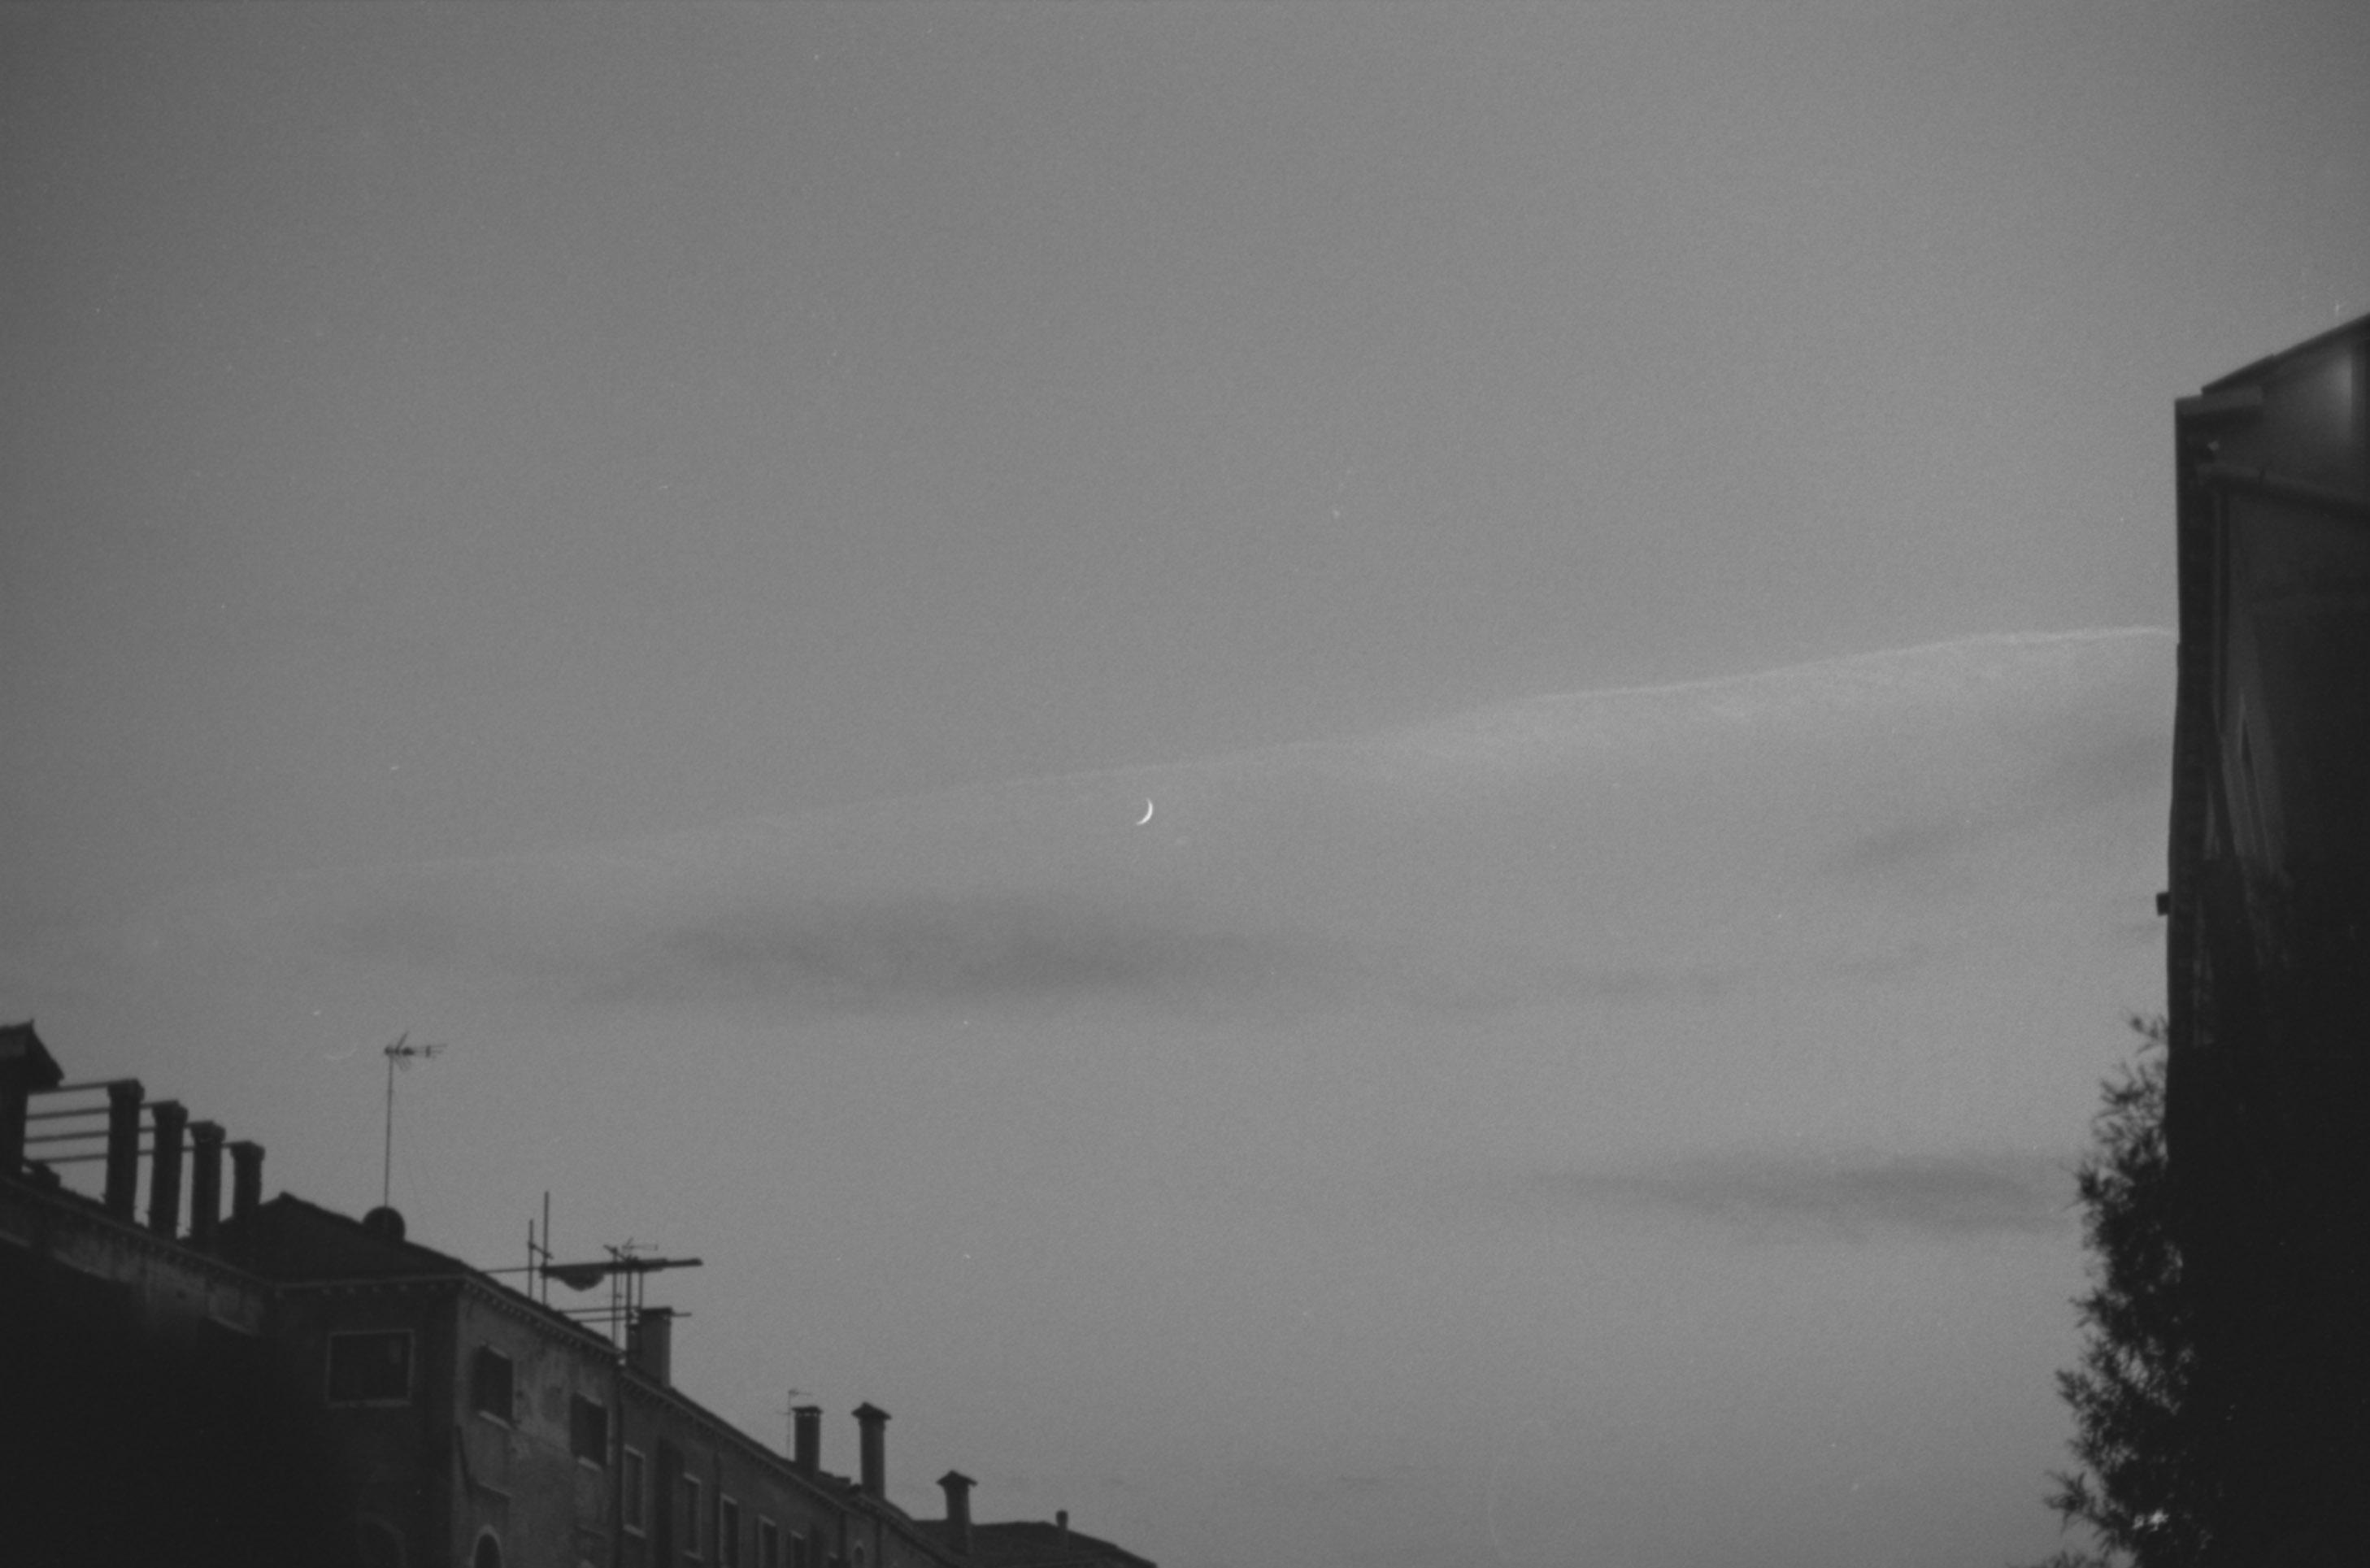 Venecia_35mm_20